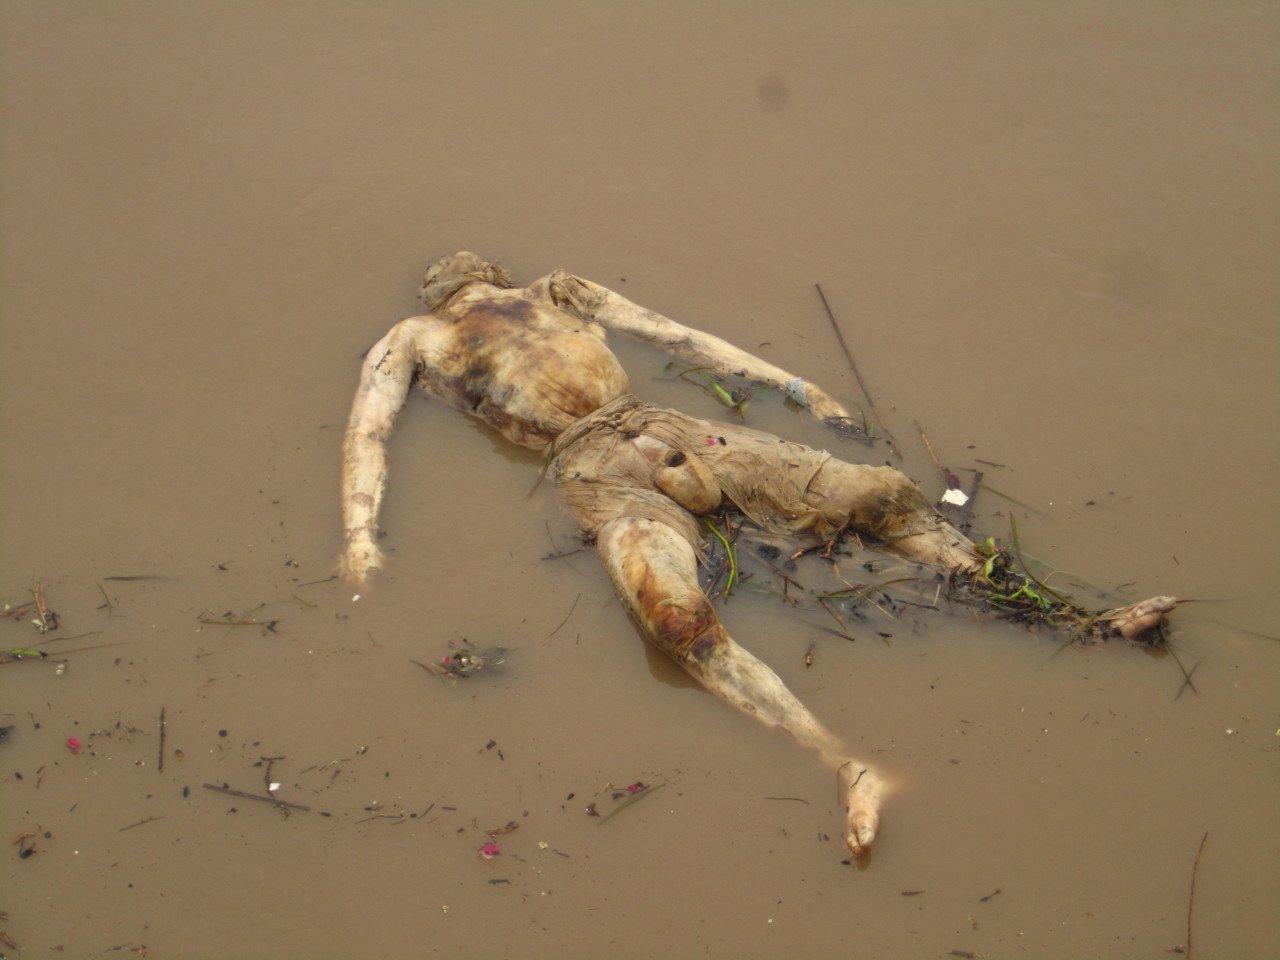 IMG_1230.jpg (혐) 인도인들의 성수 겐지스 강 실태.jpg